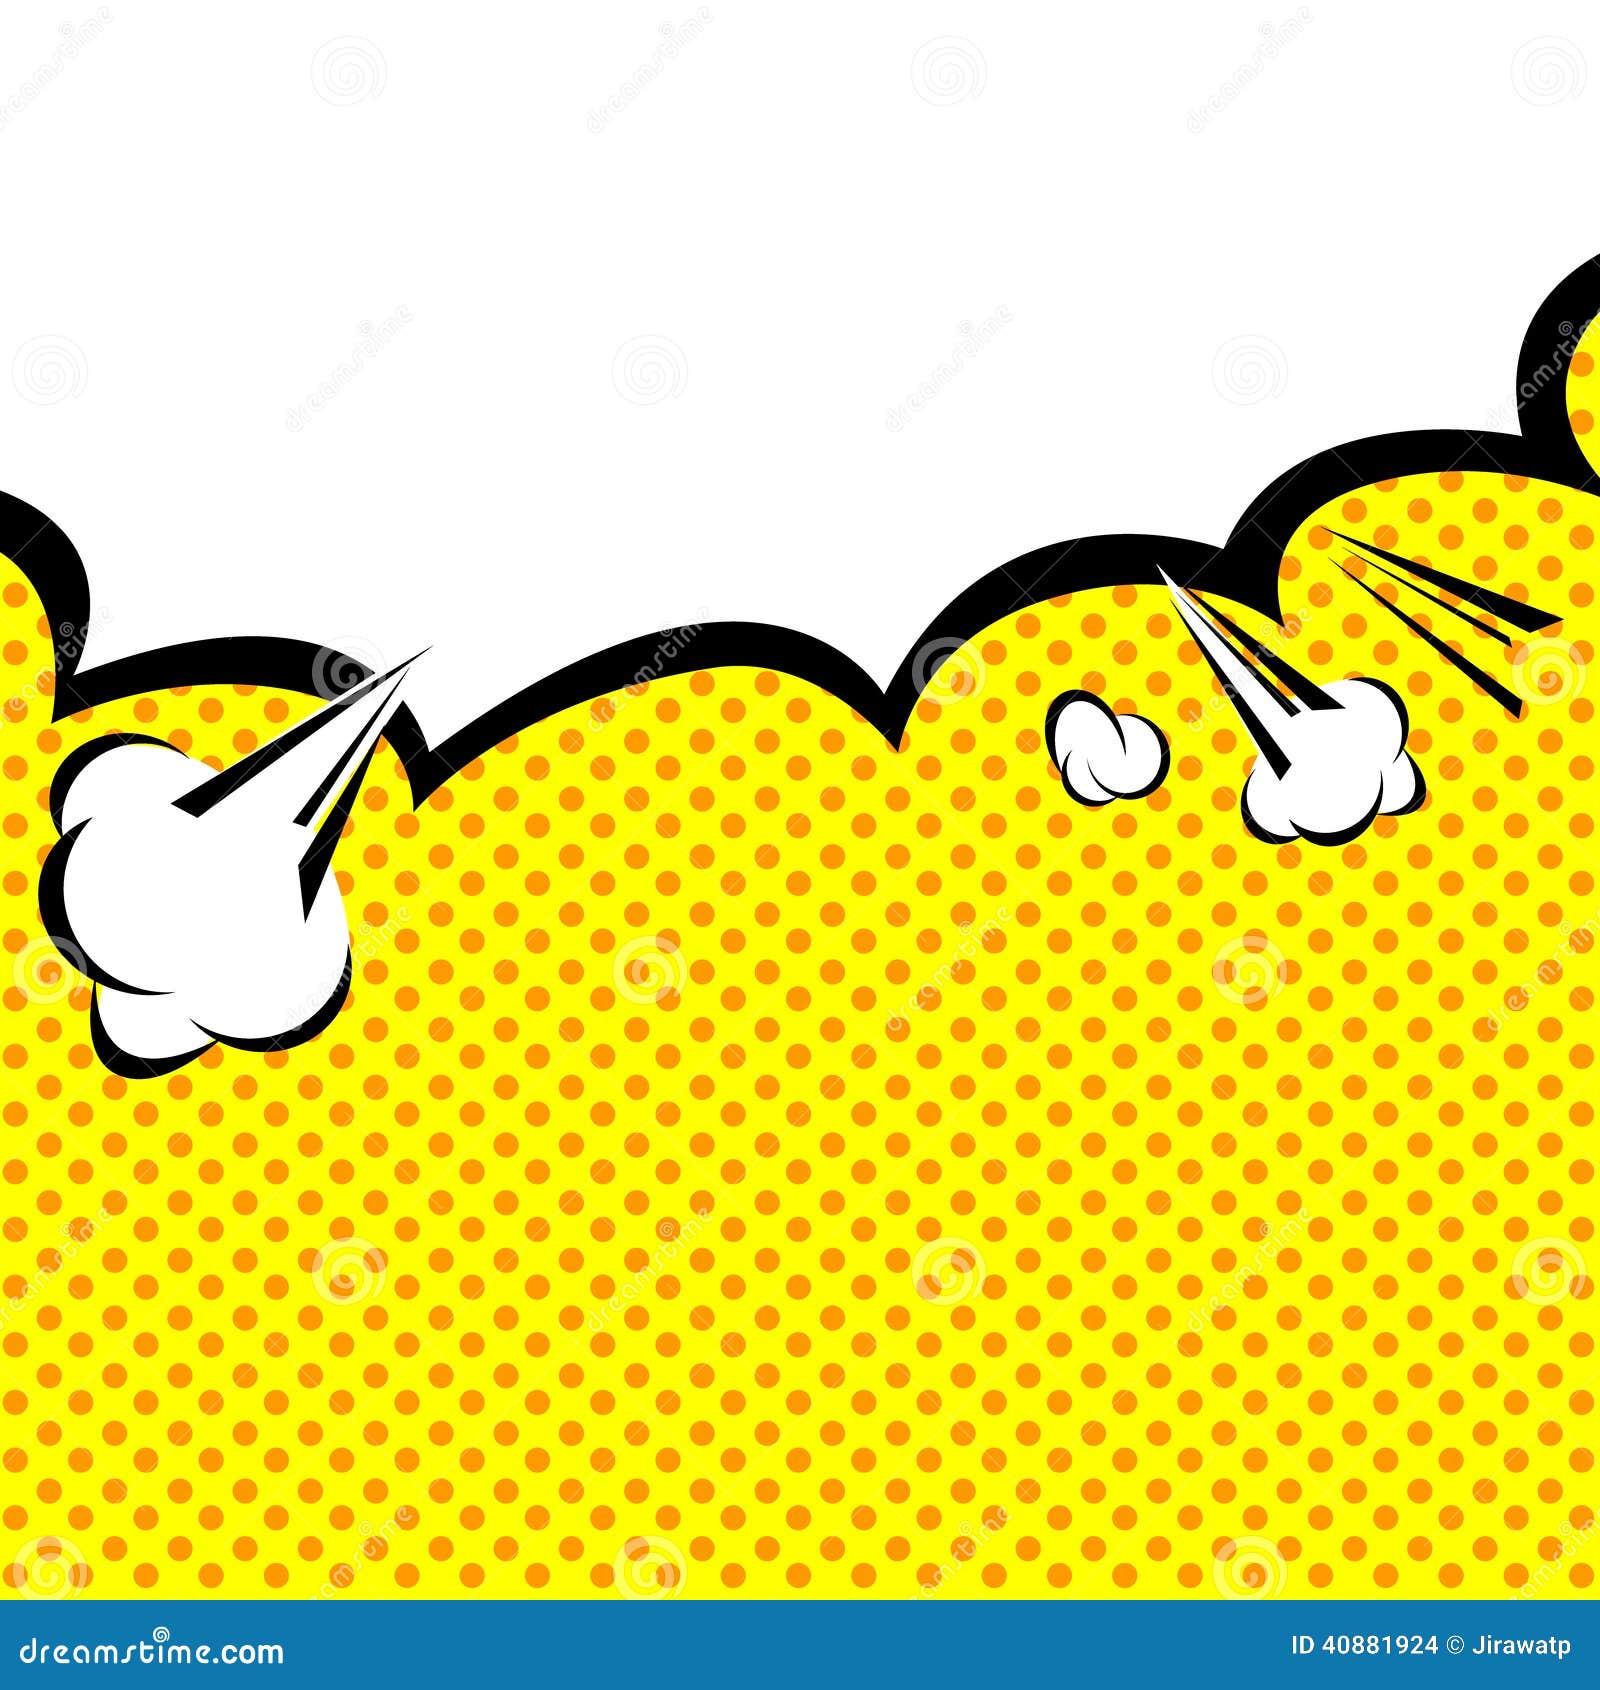 speech bubble pop art style stock vector illustration of empty